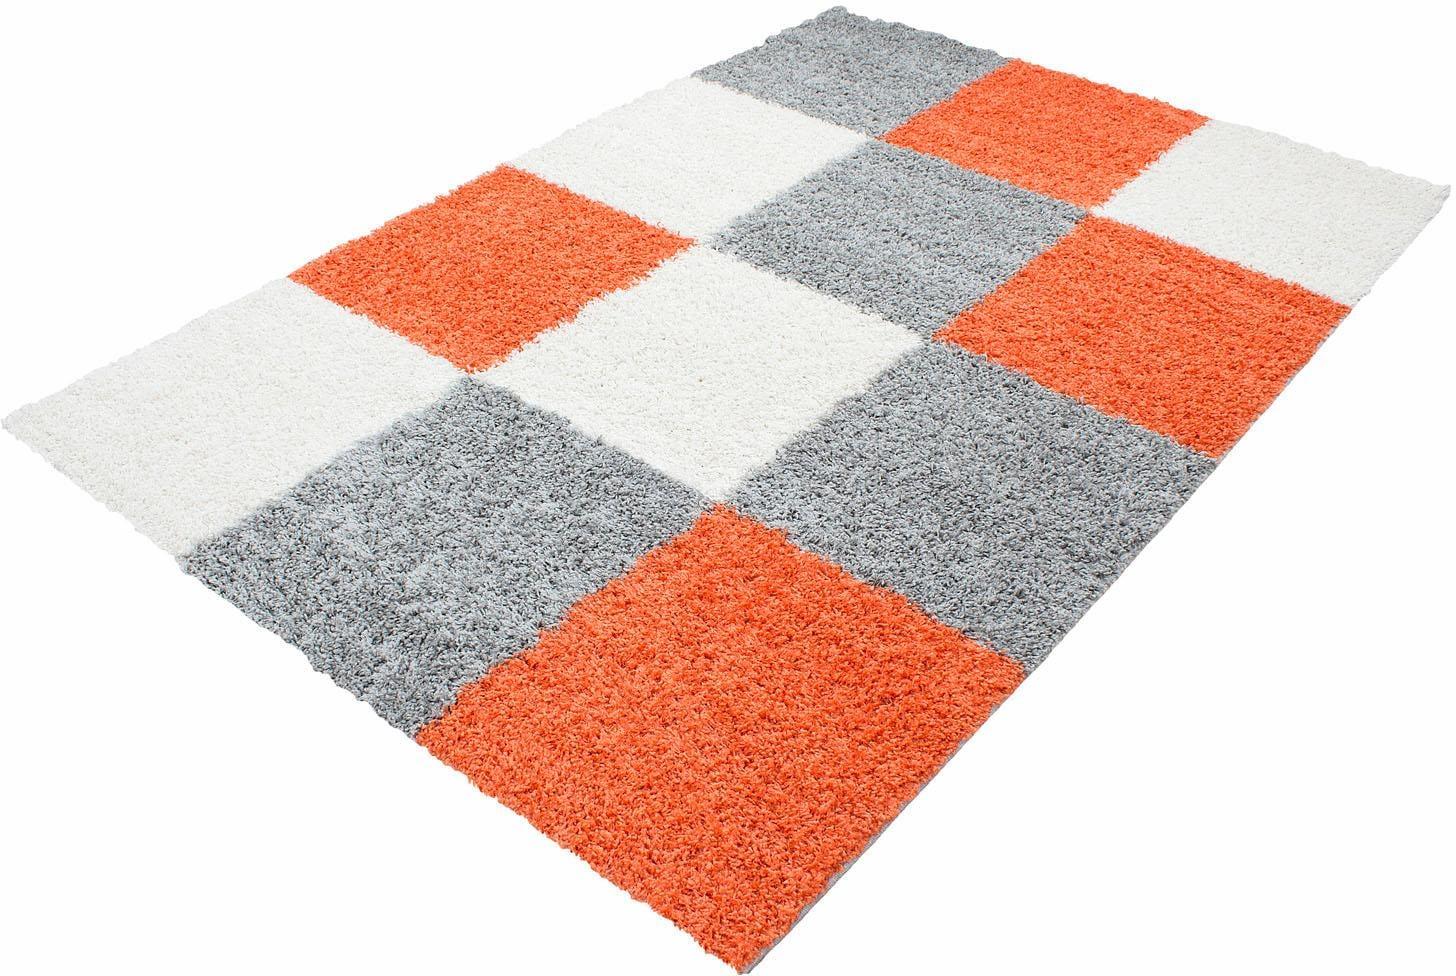 Hochflor-Teppich, Ayyildiz, »Life Shaggy 1501«, Höhe 30 mm | Heimtextilien > Teppiche > Hochflorteppiche | Orange | AYYILDIZ TEPPICHE